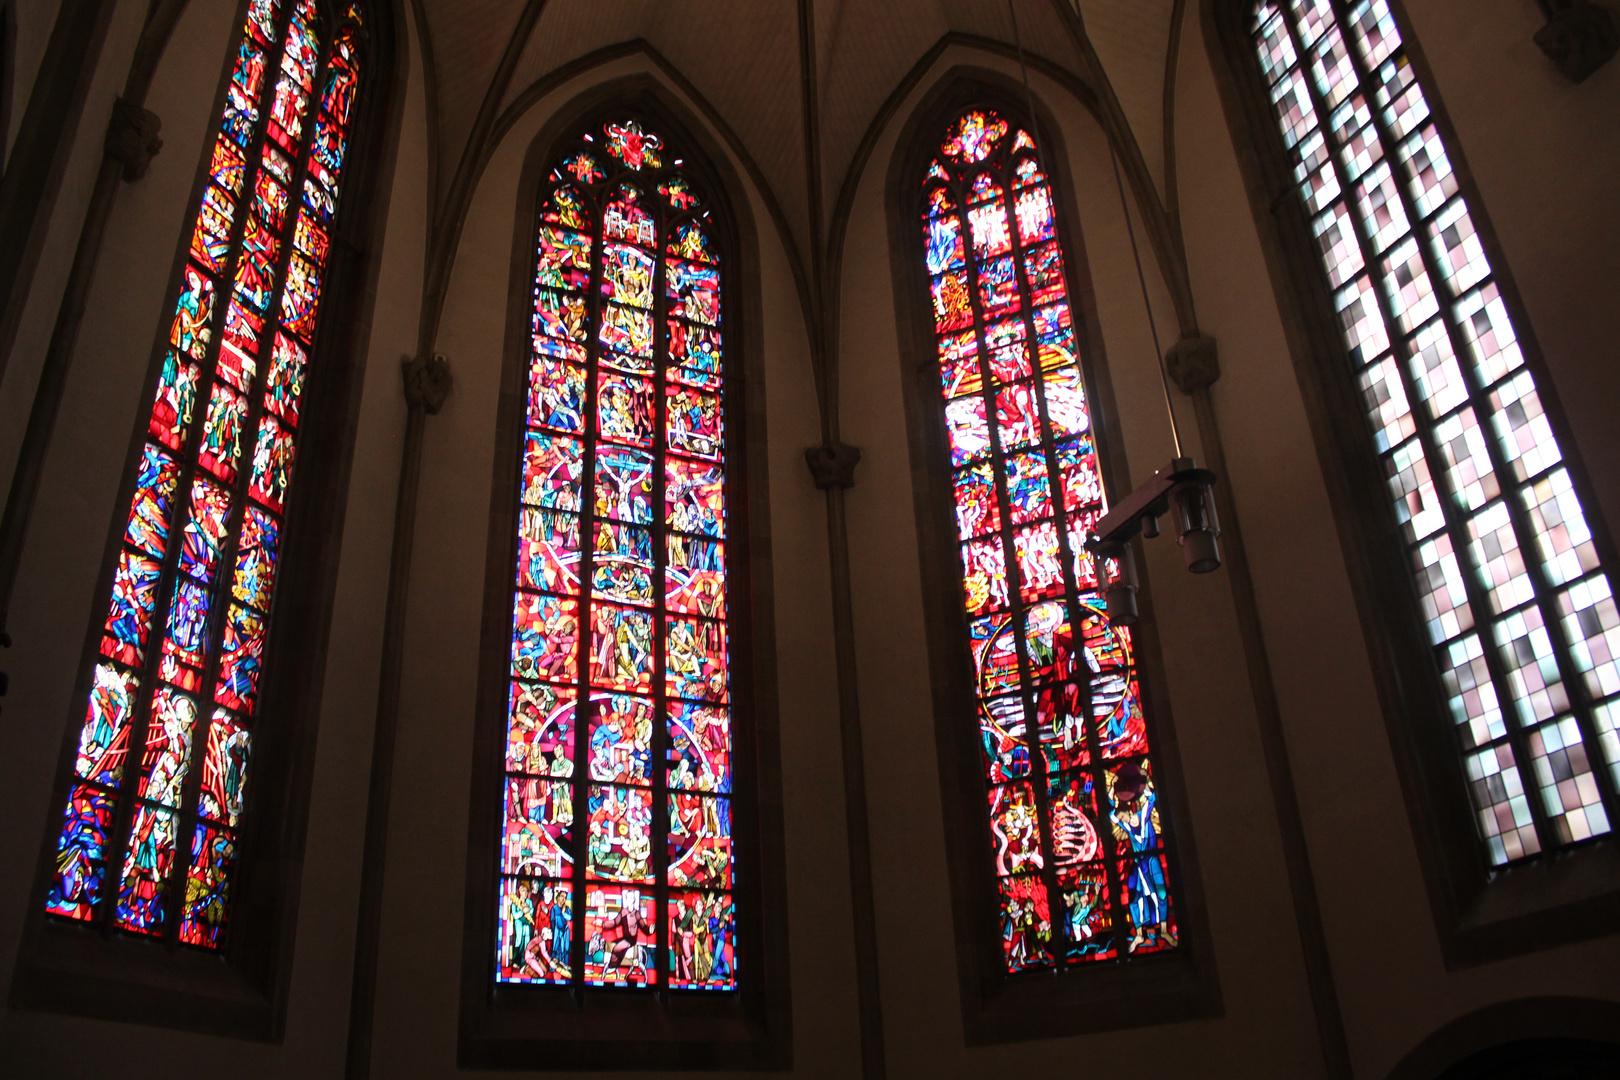 Kirche ingerdwo in Baden-Württemberg.